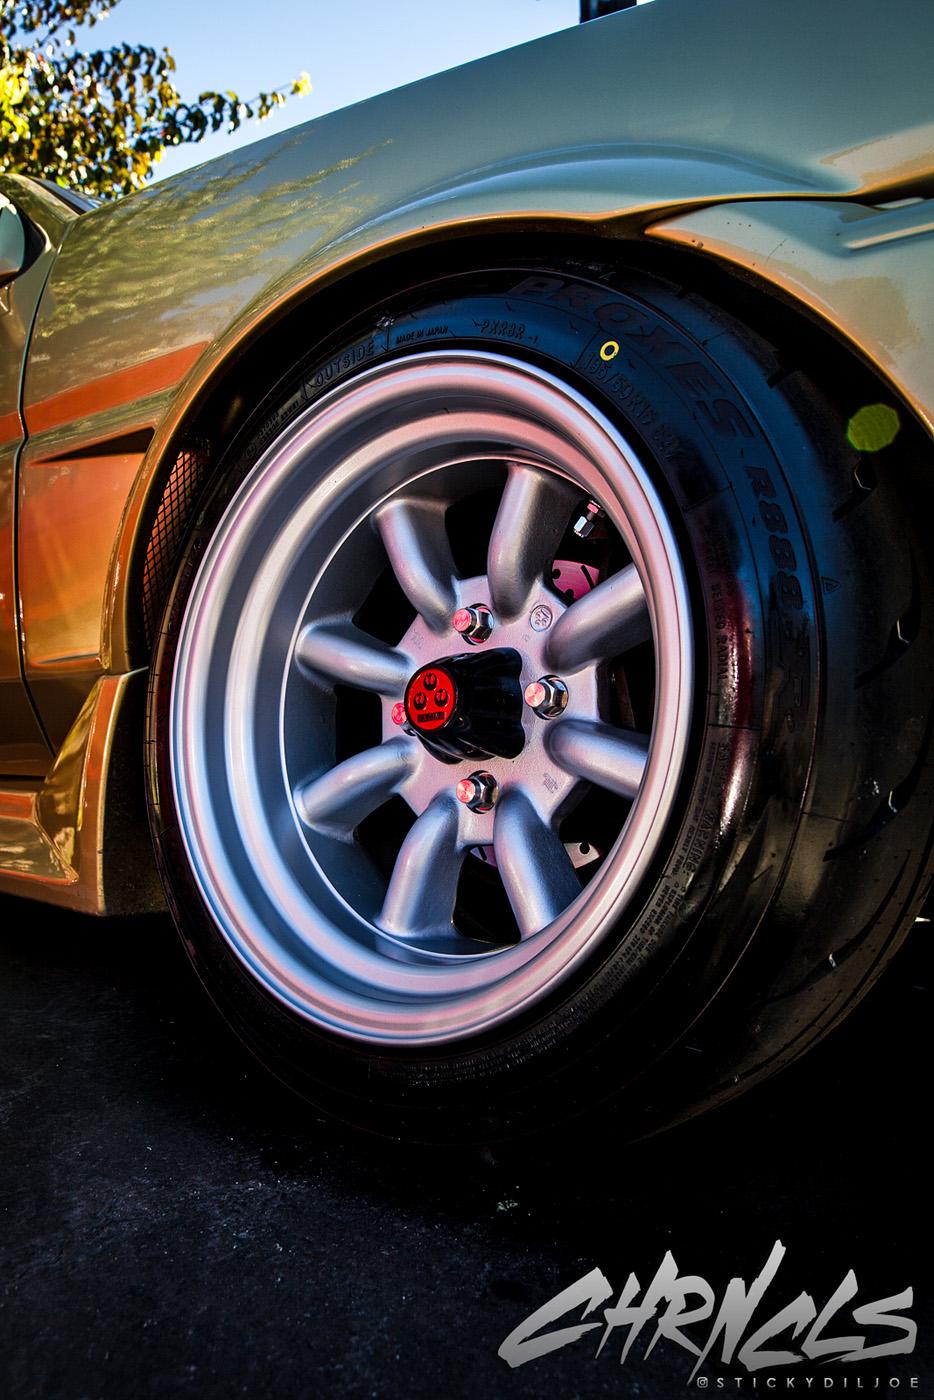 Super Street X Toyo Tires 2017 Calendar Launch Meet